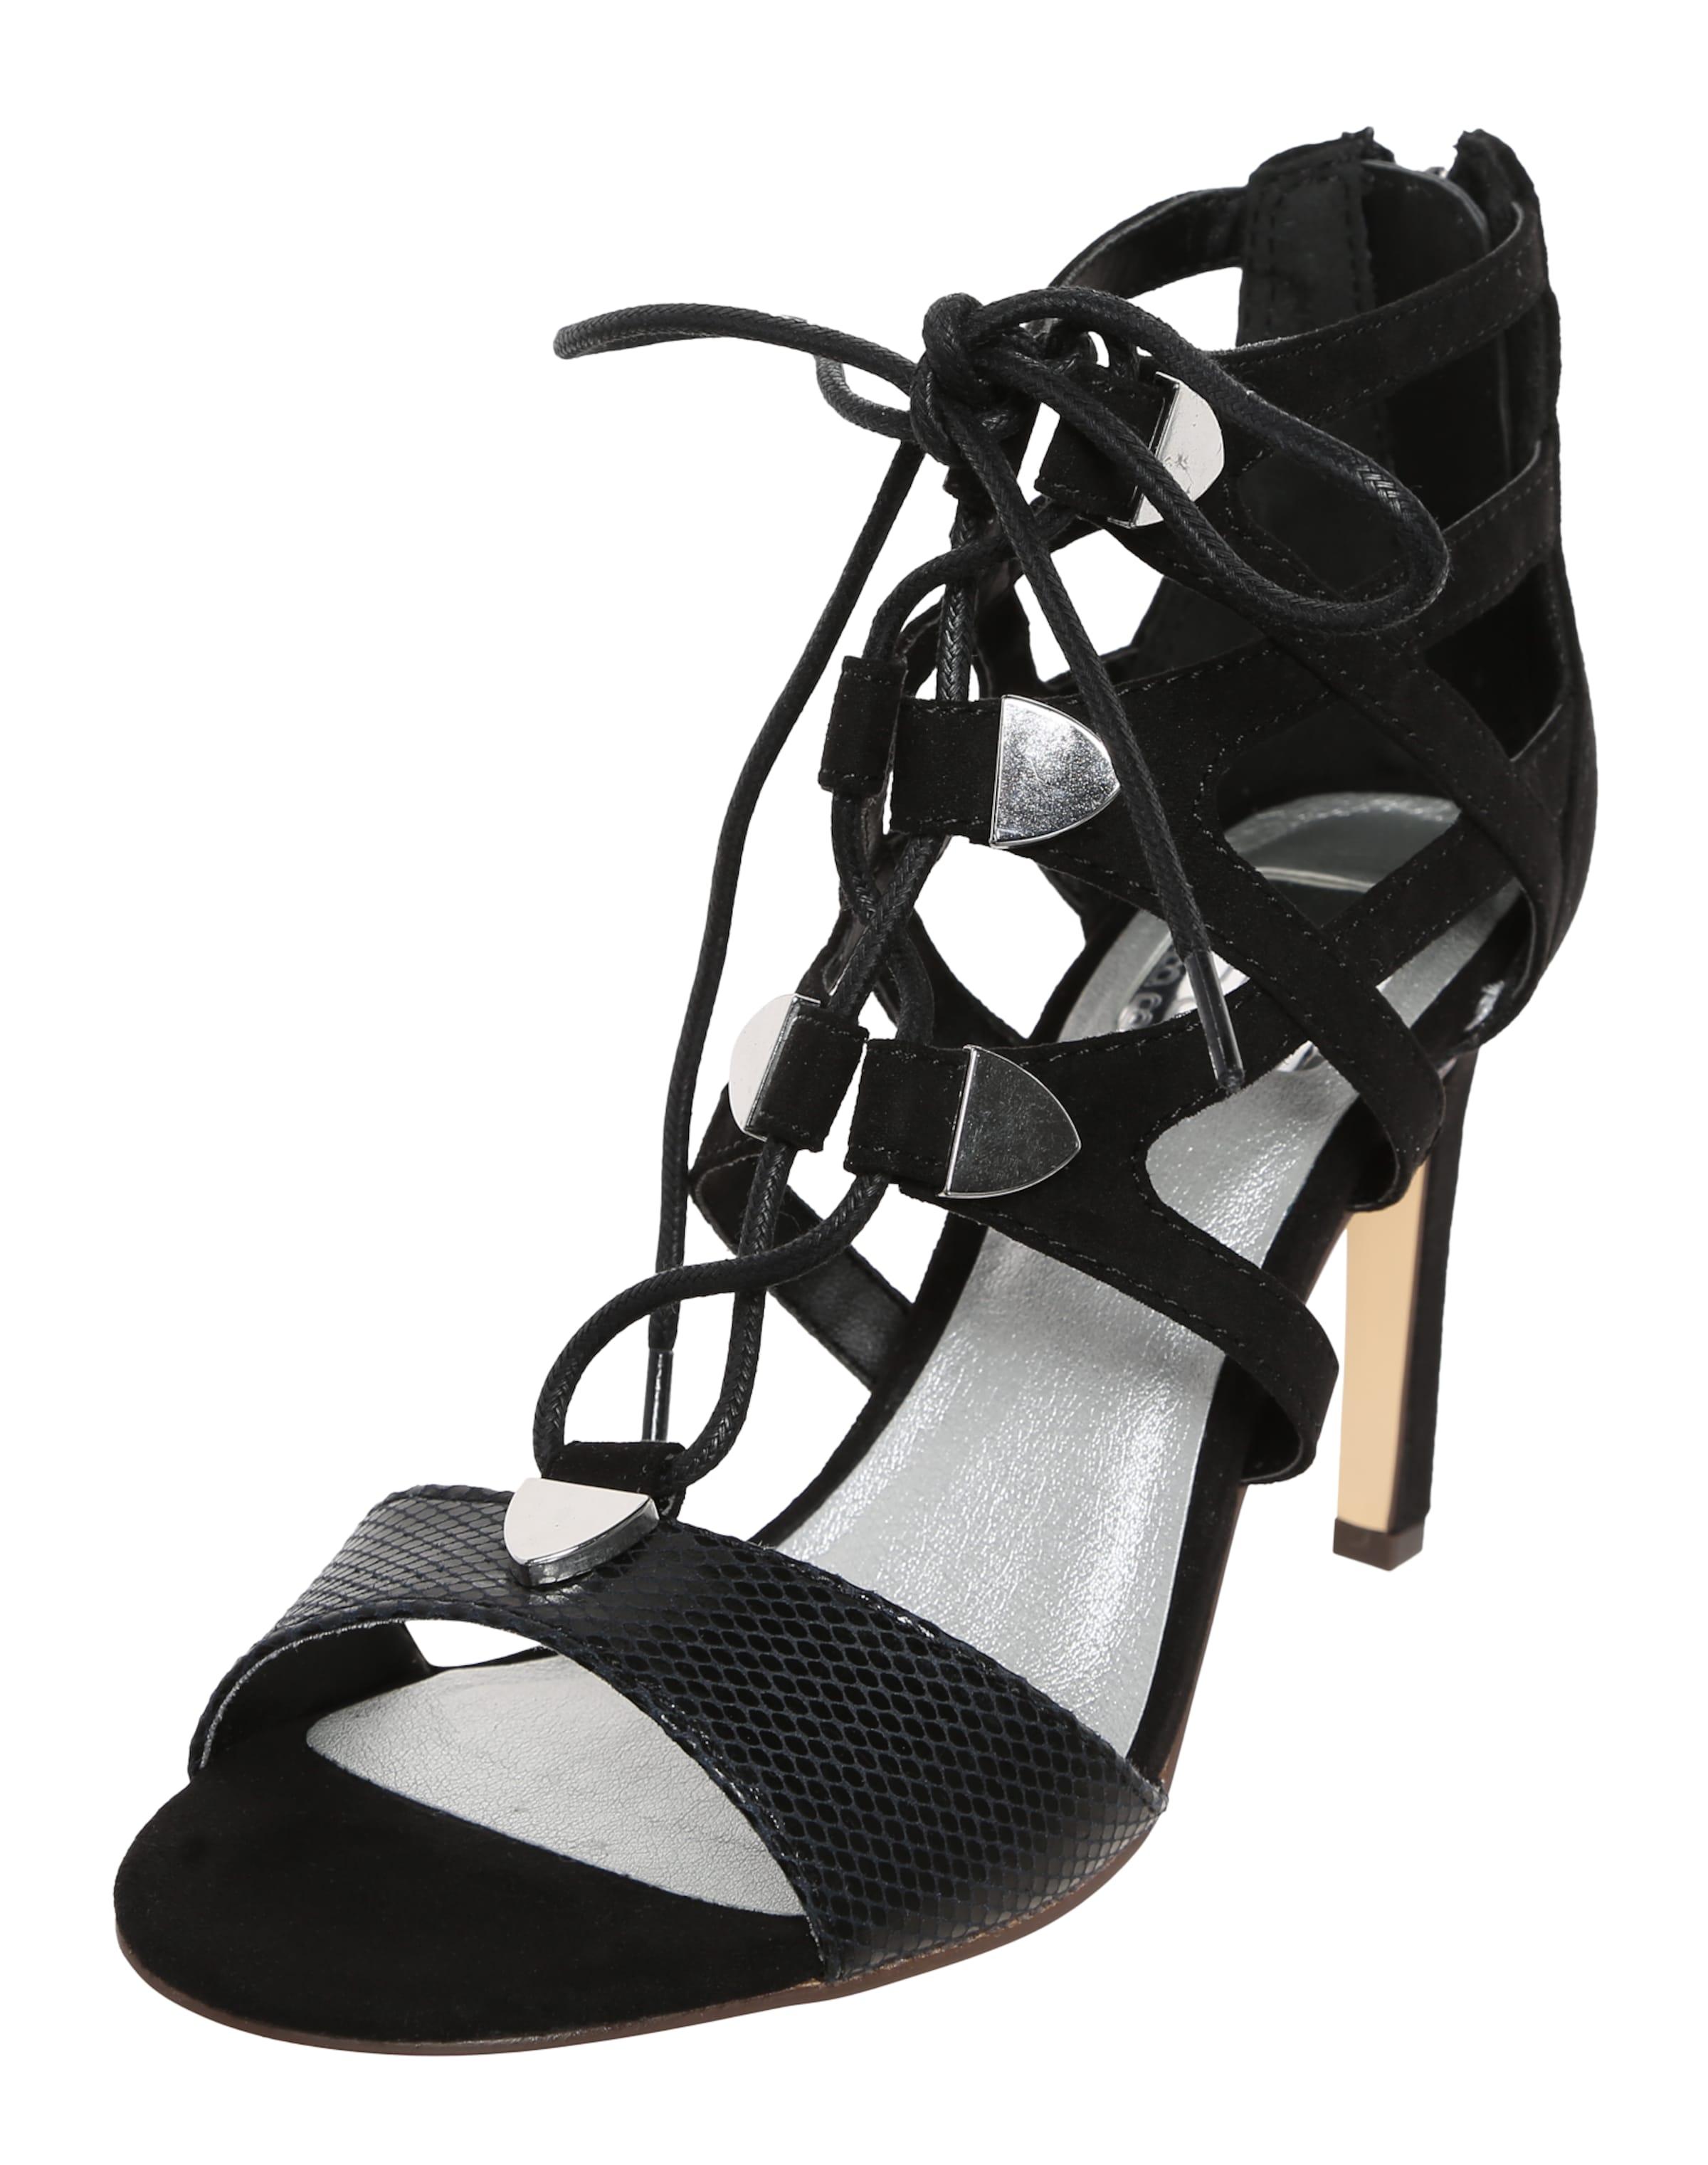 BULLBOXER Sandalette mit Schnürung Kostengünstige Online Outlet Rabatt Auslass Footlocker Bilder i22IbhMF